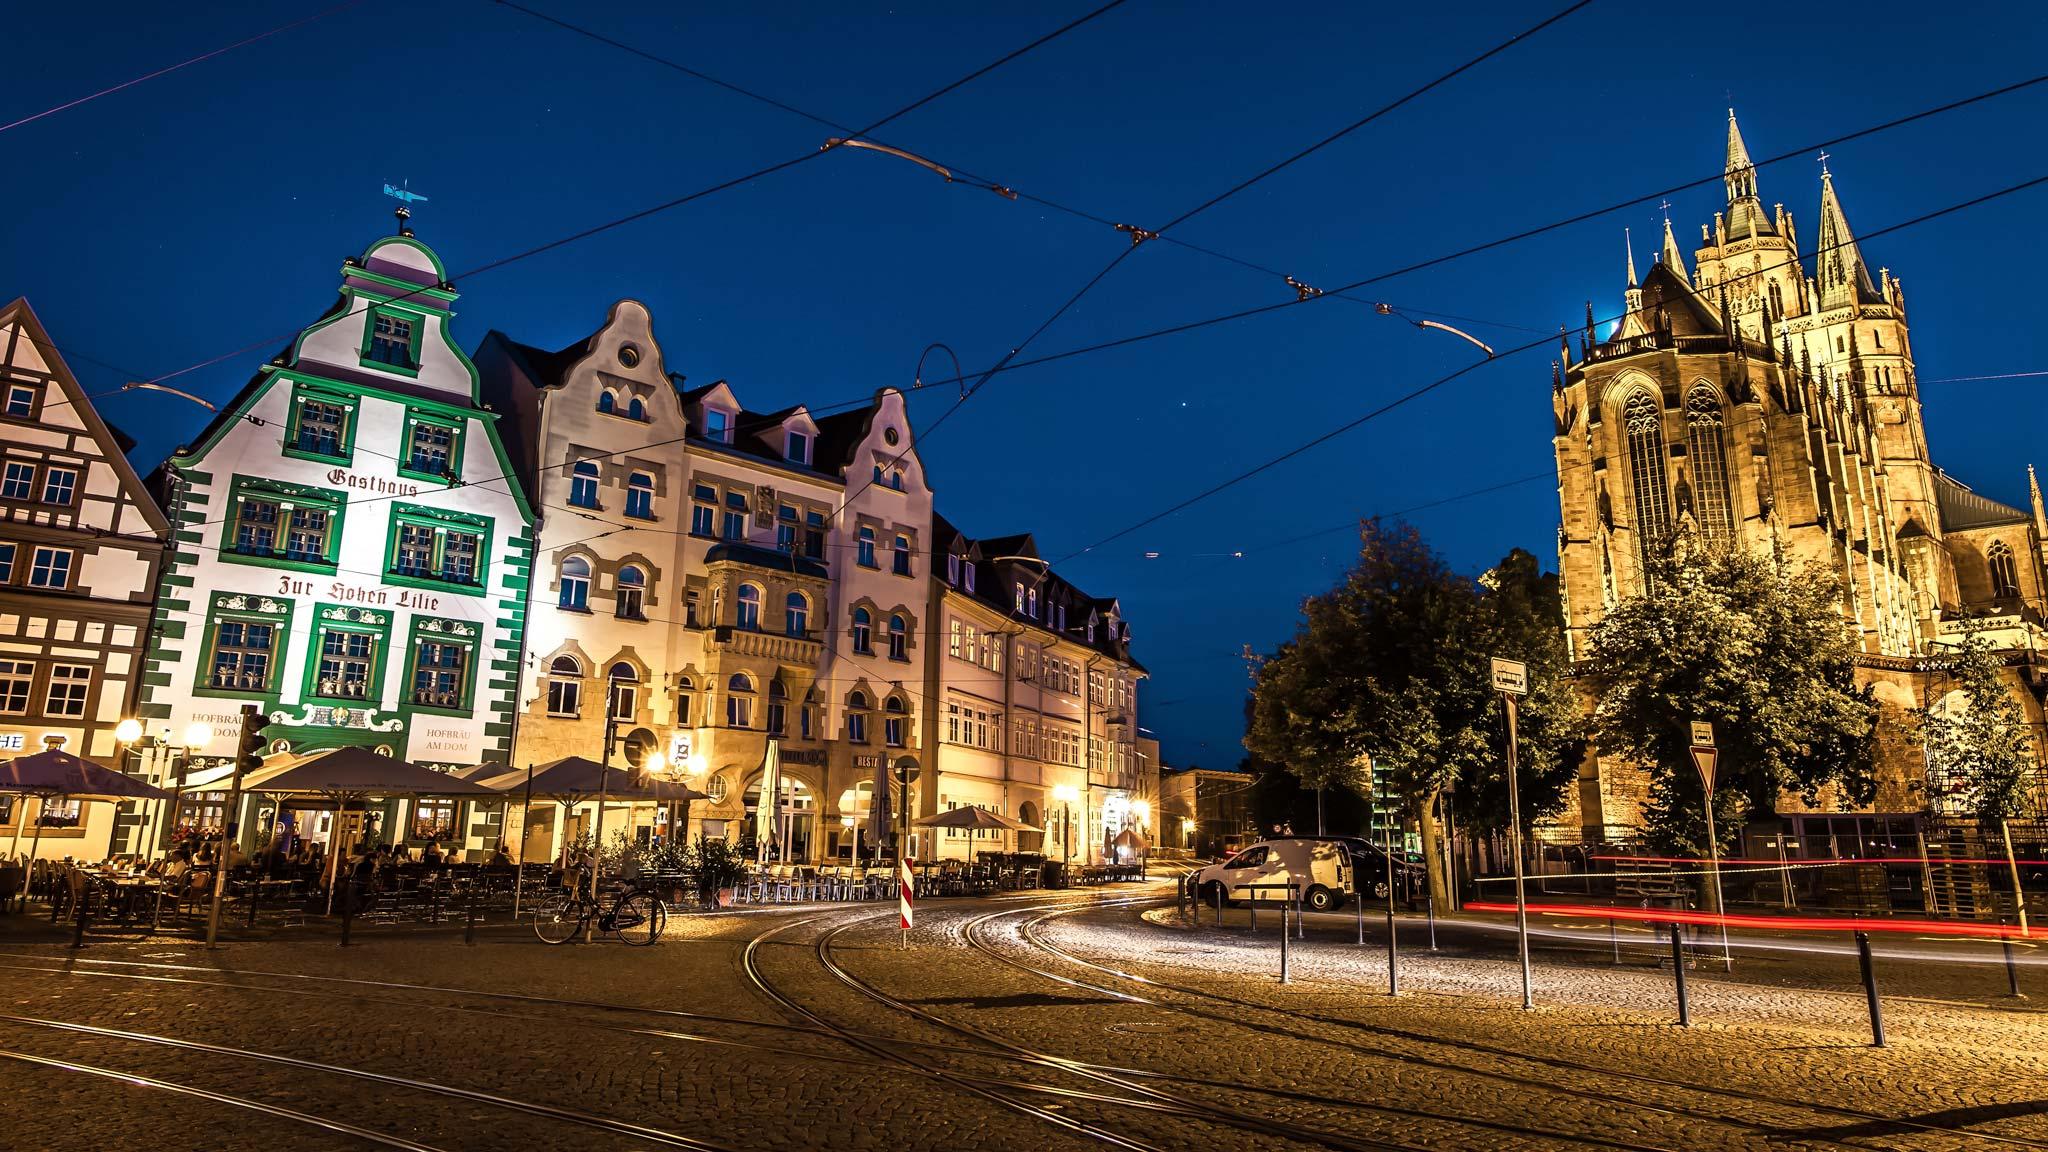 Noche en Erfurt Turingia